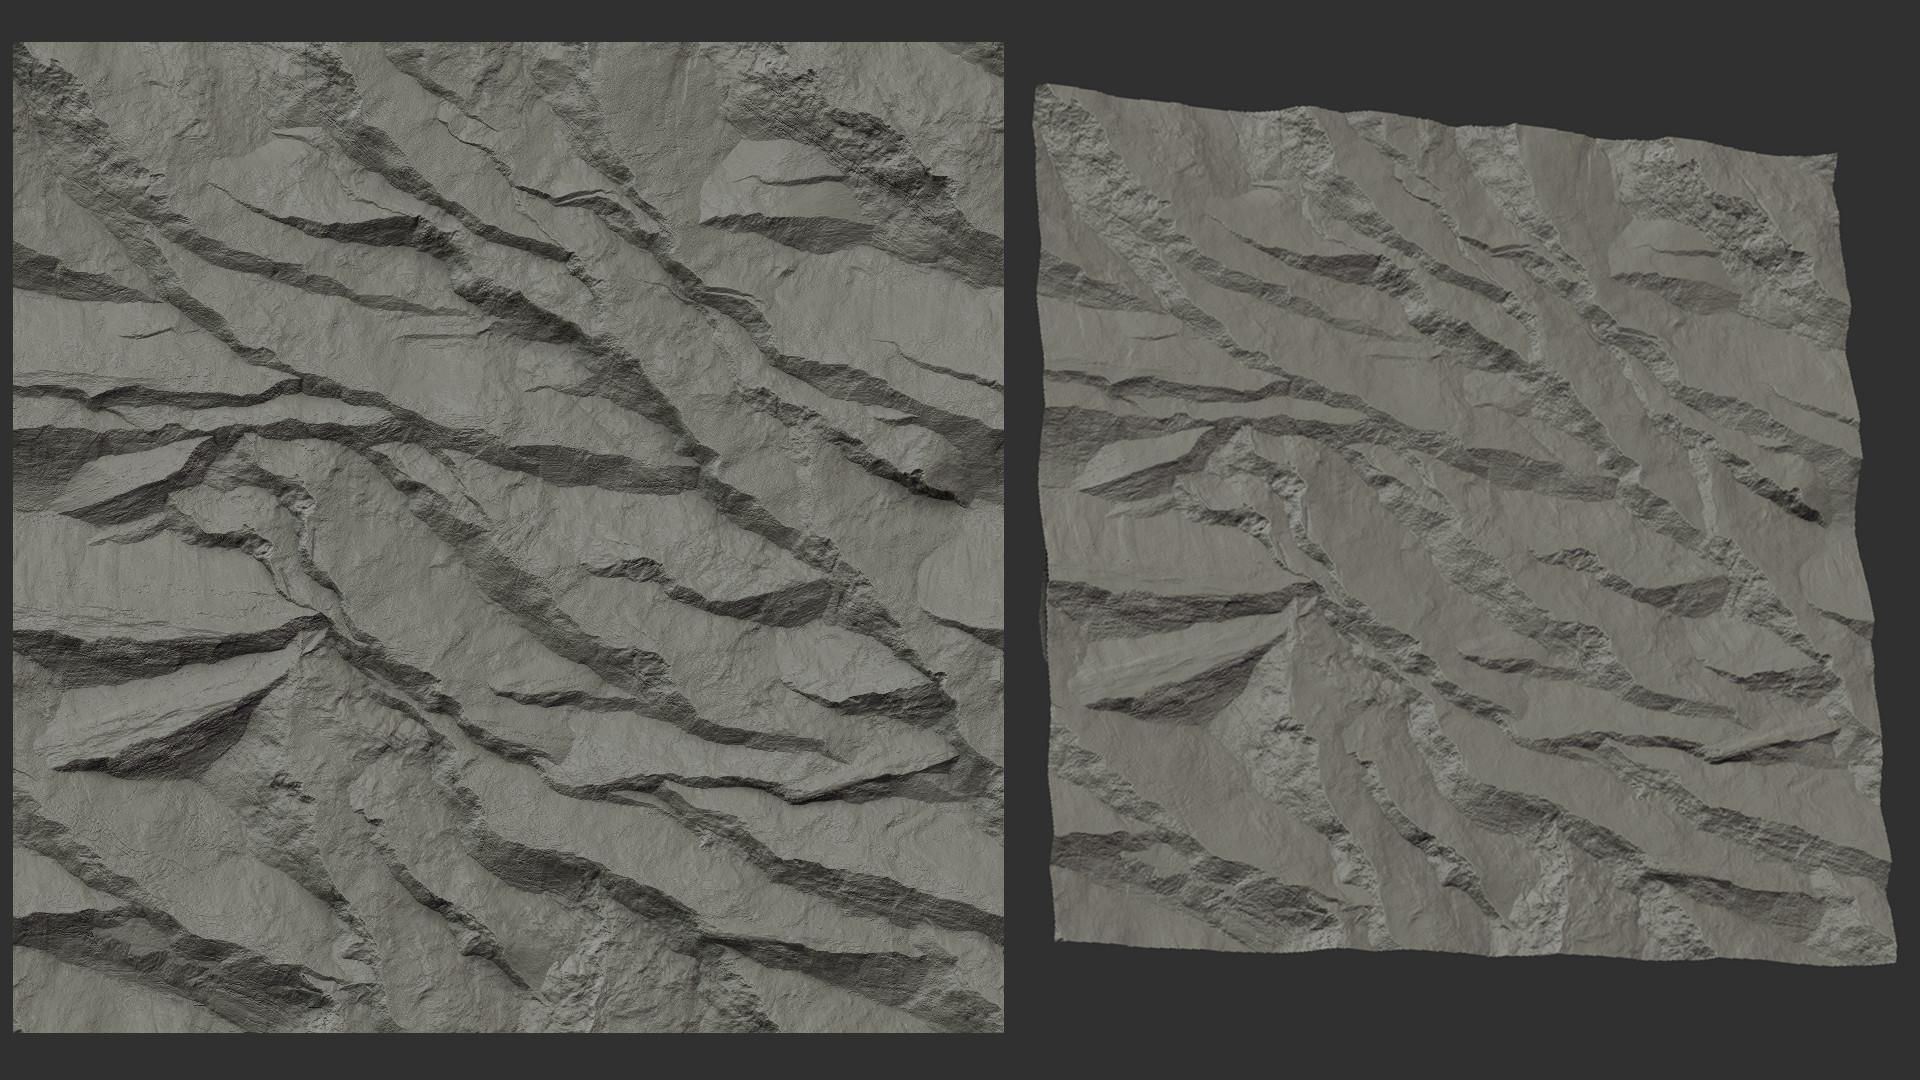 Najim filali saksak cliff texture2 2k